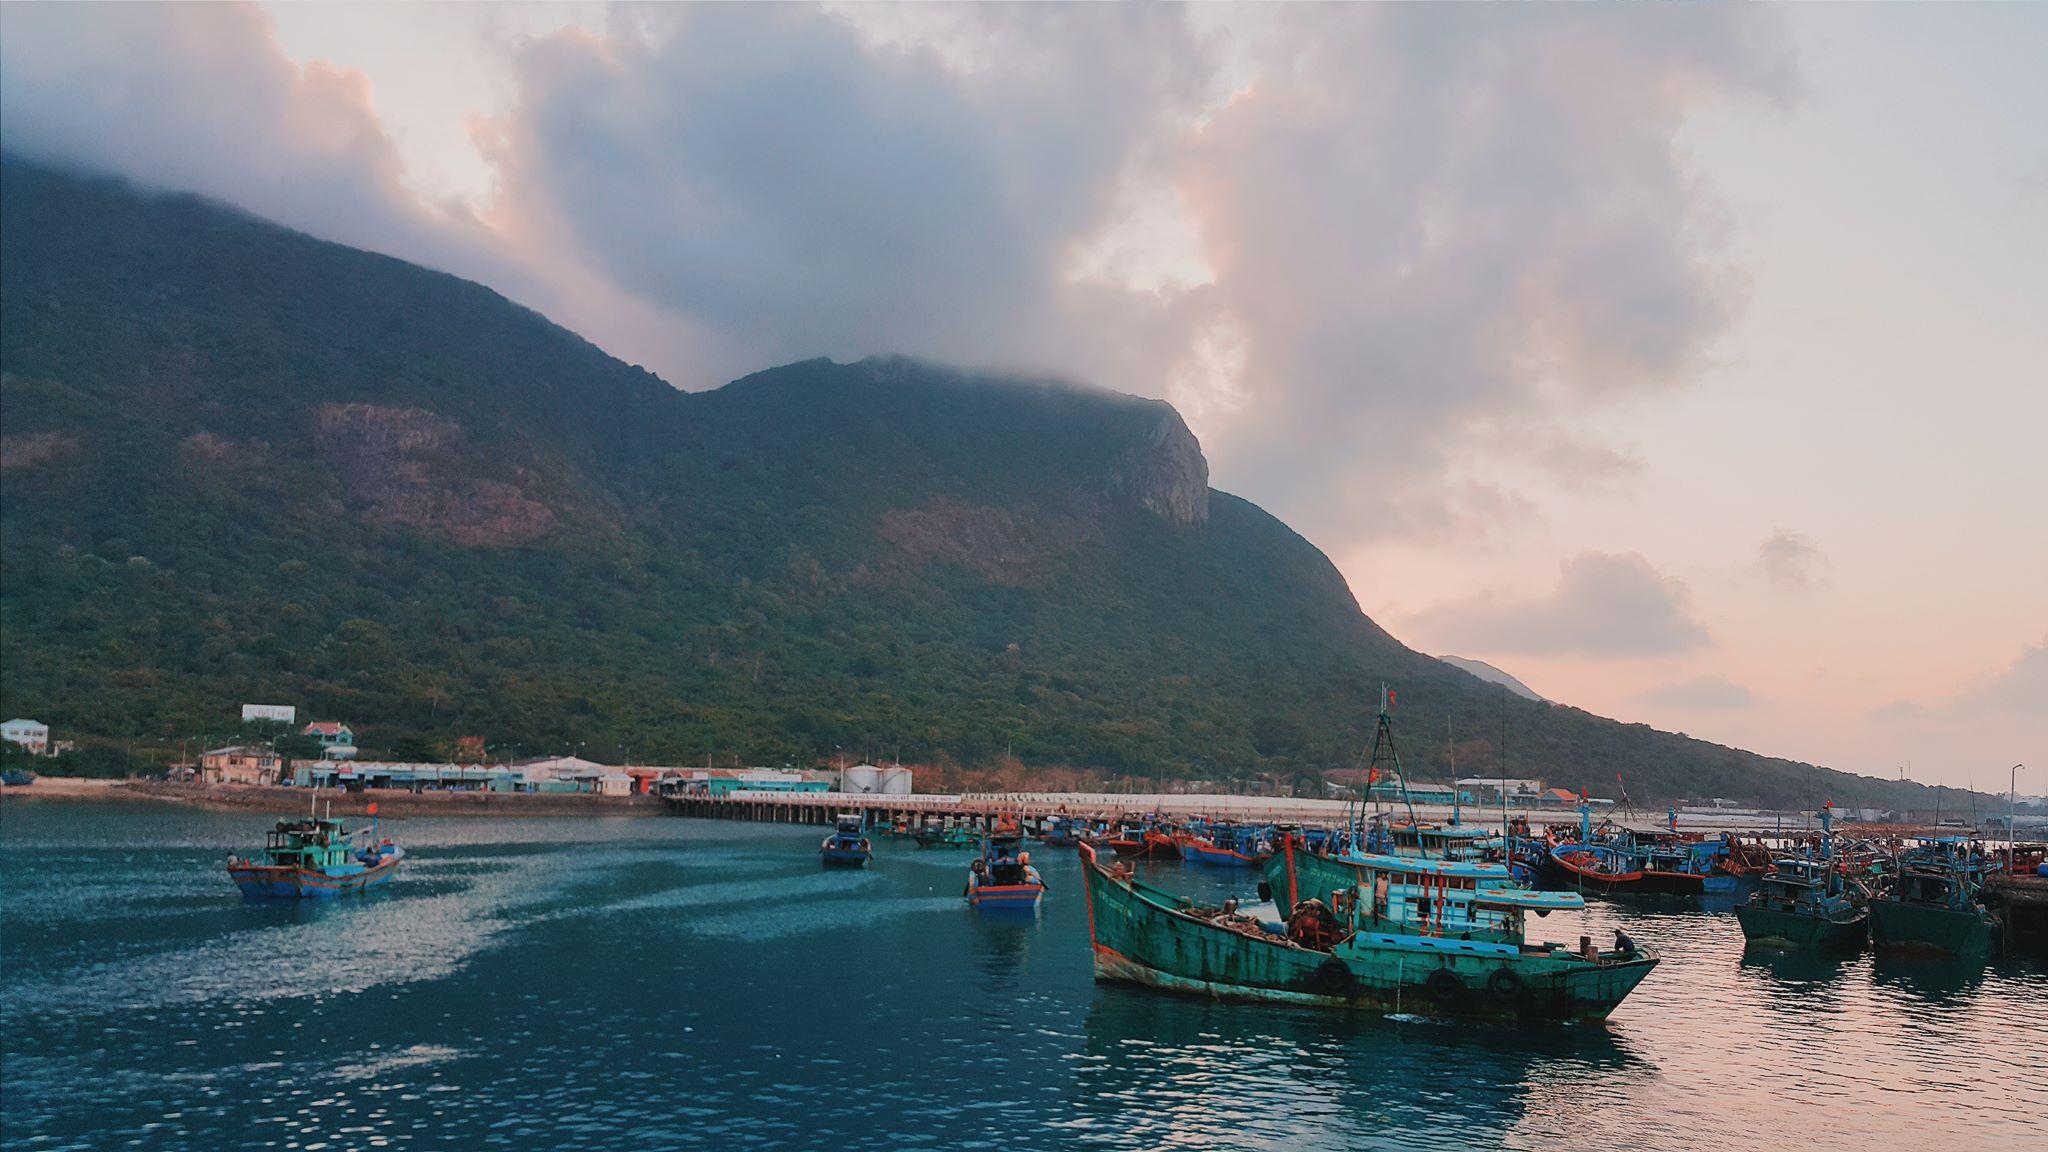 Cảng Bến Đầm - Côn Đảo